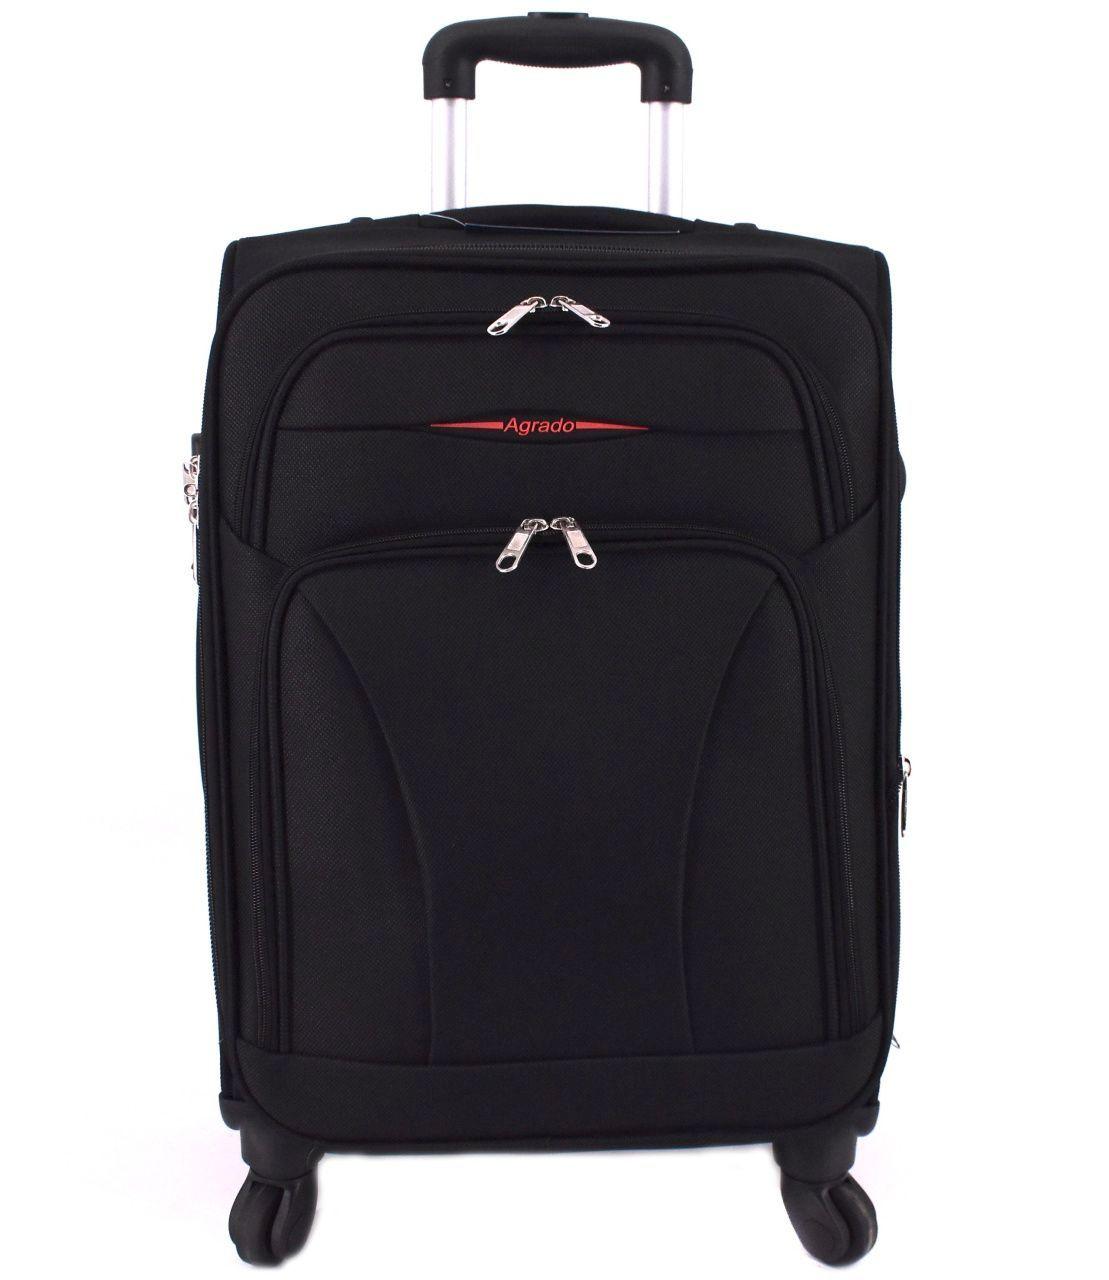 Cestovní textilní kufr na čtyřech kolečkách Agrado (XS) 35l - černá 8021 (SX)